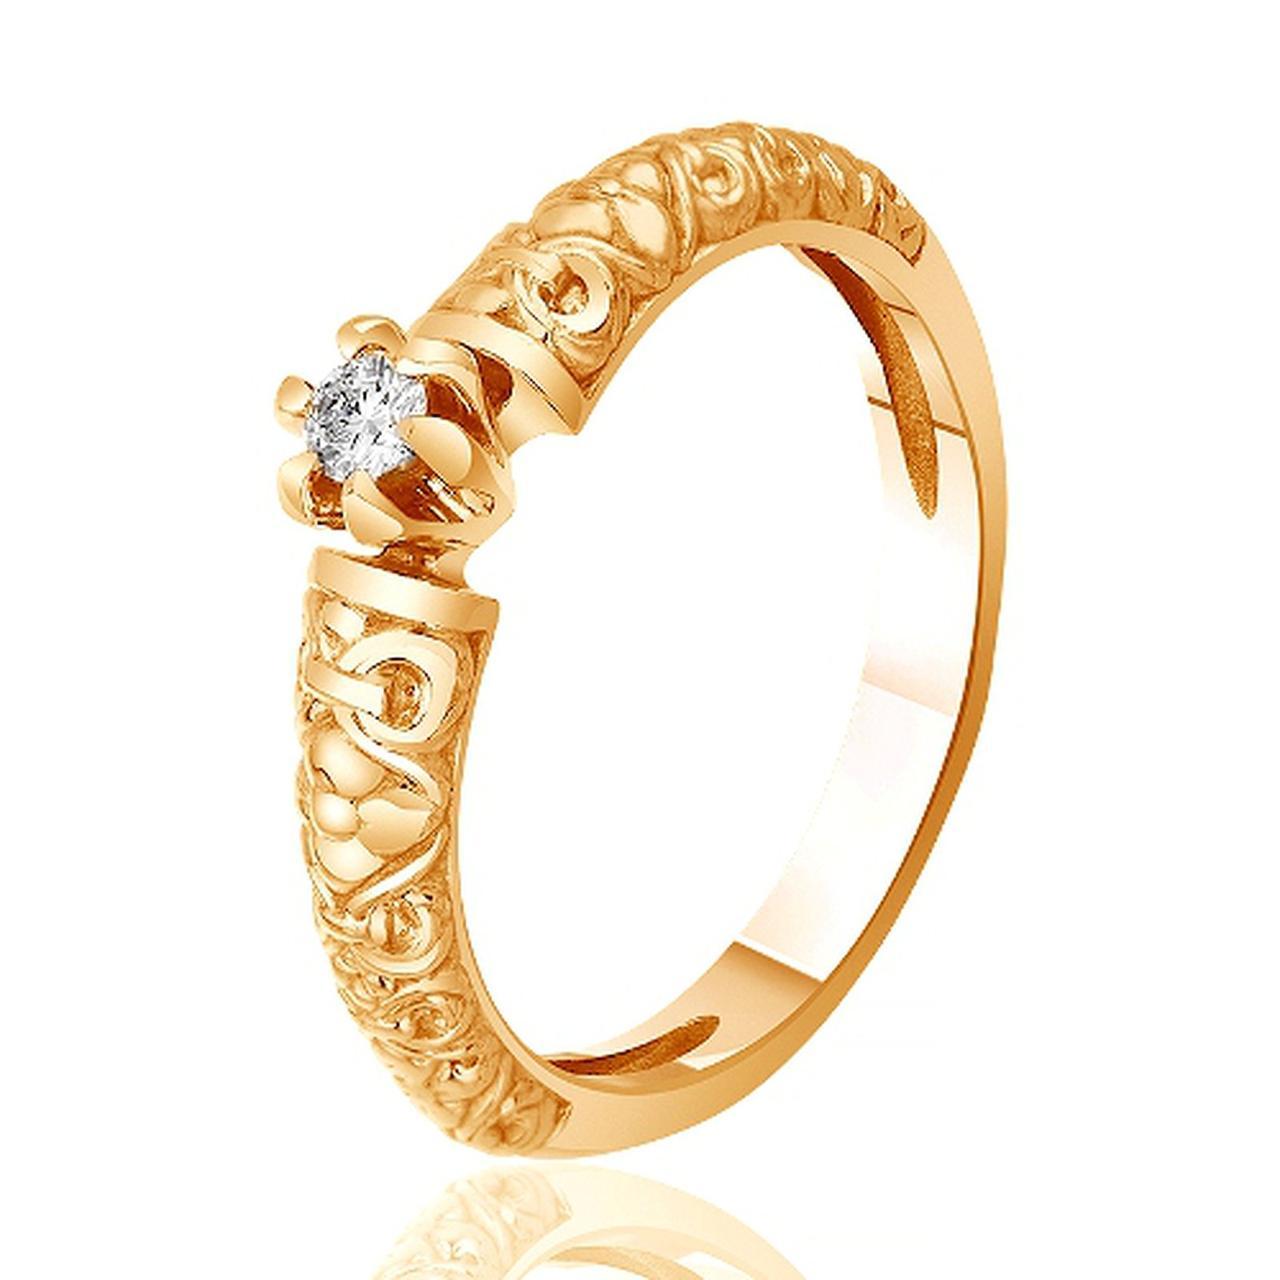 Золотое кольцо с Swarovski, размер 15 (312407)